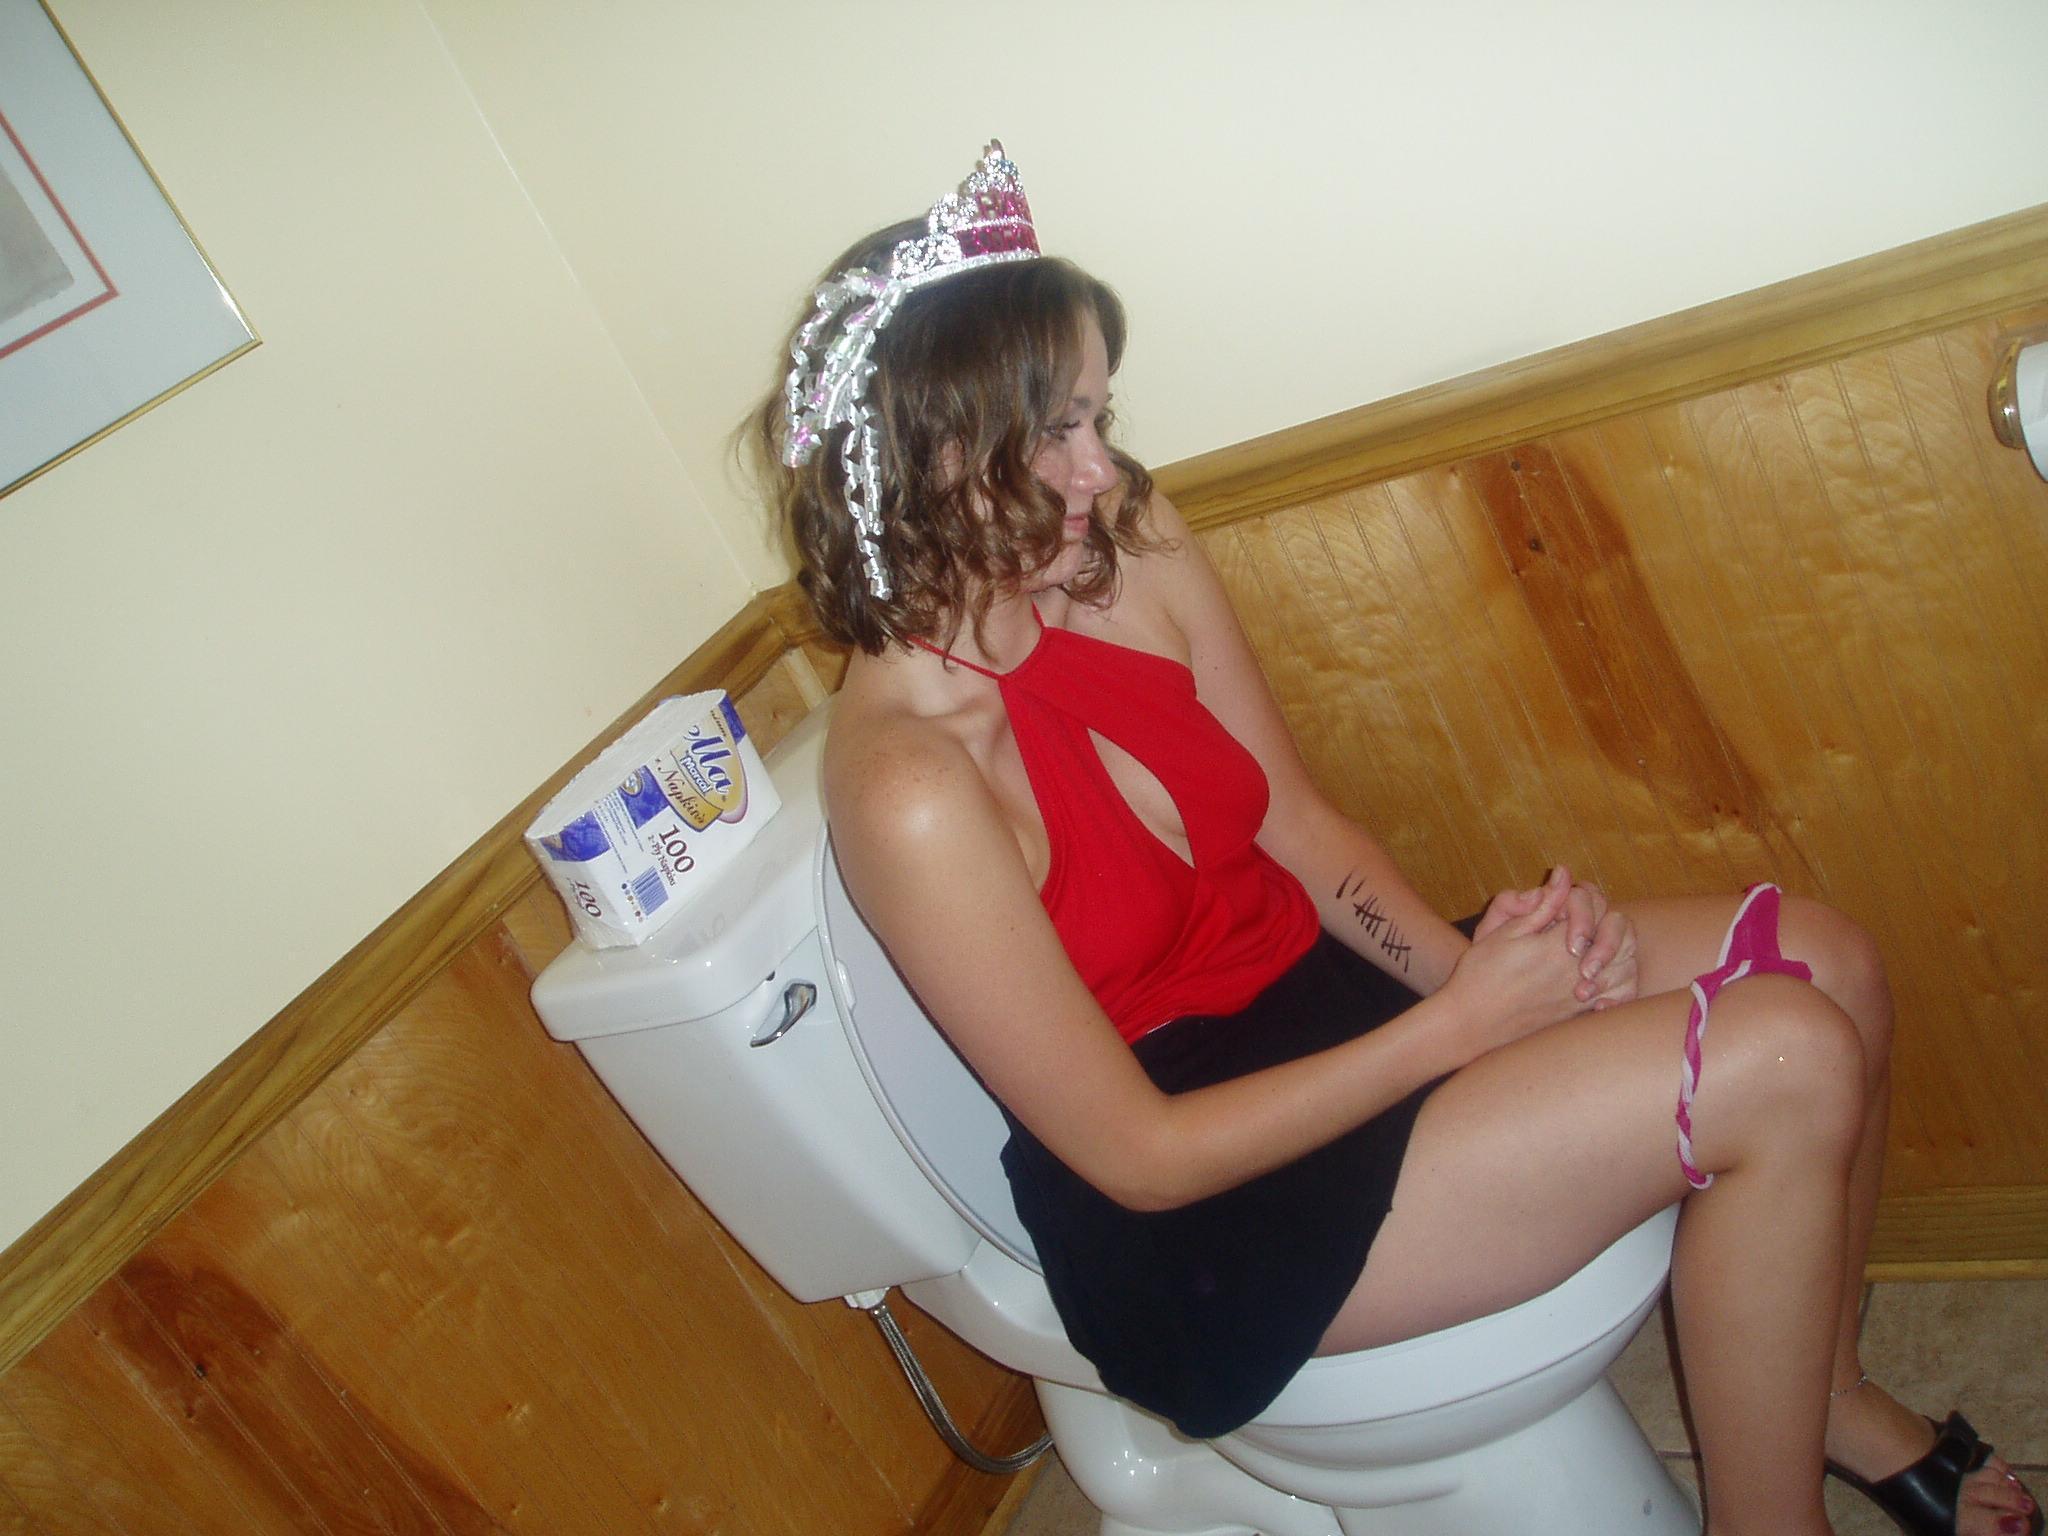 Смотреть бесплатно онлайн за девушками в туалете 19 фотография